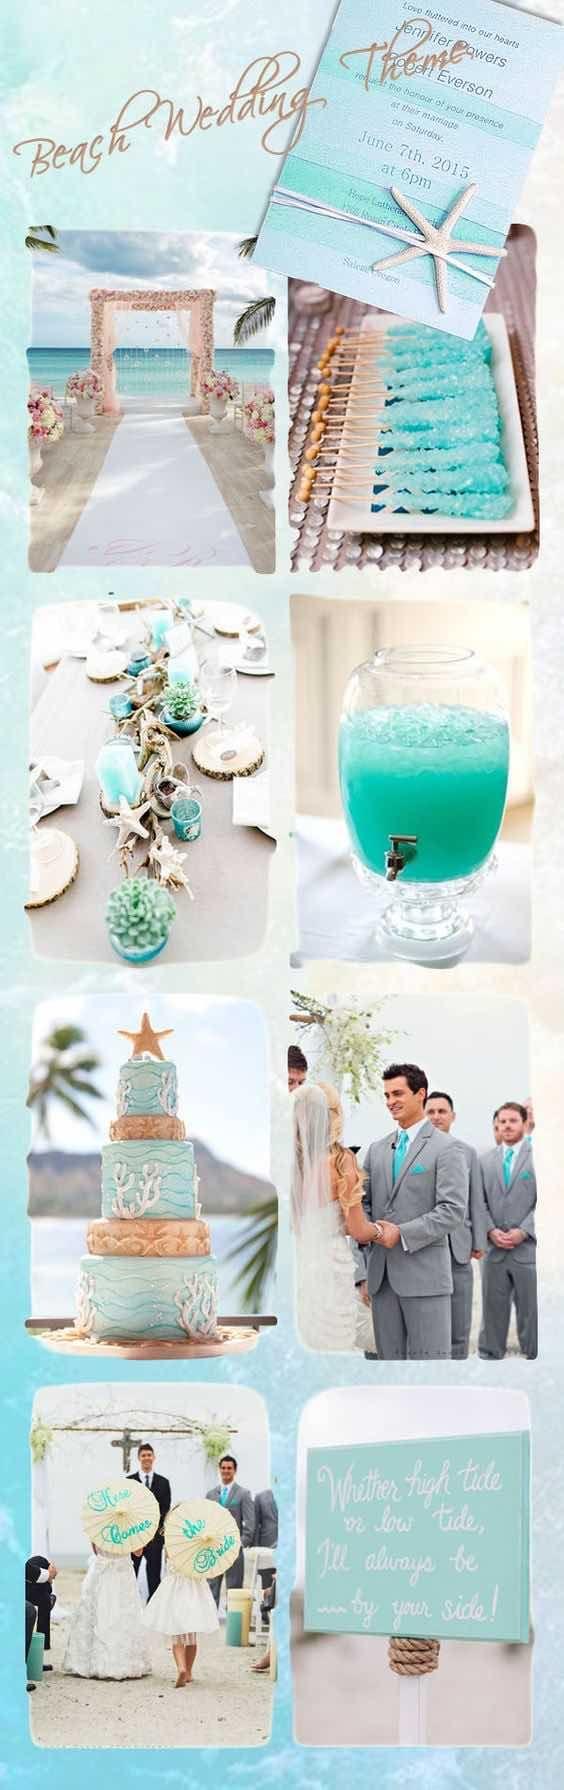 como organizar bodas en la playa en simples pasos